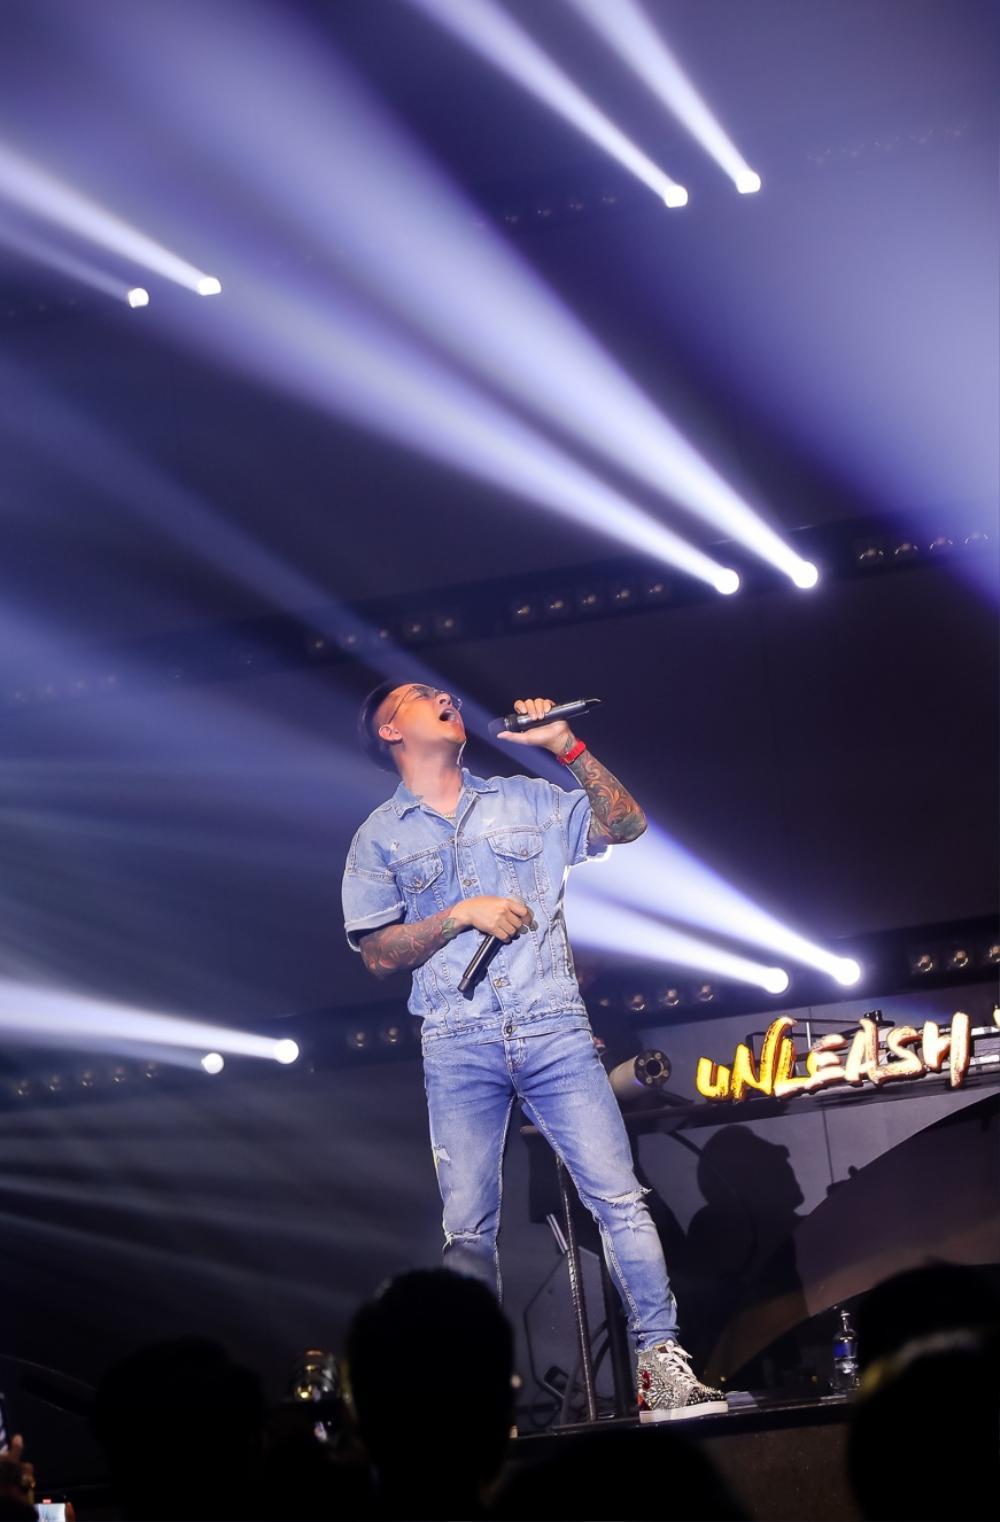 Tuấn Hưng giành chỗ của DJ, tự chỉnh nhạc cho mình trên sân khấu Ảnh 2